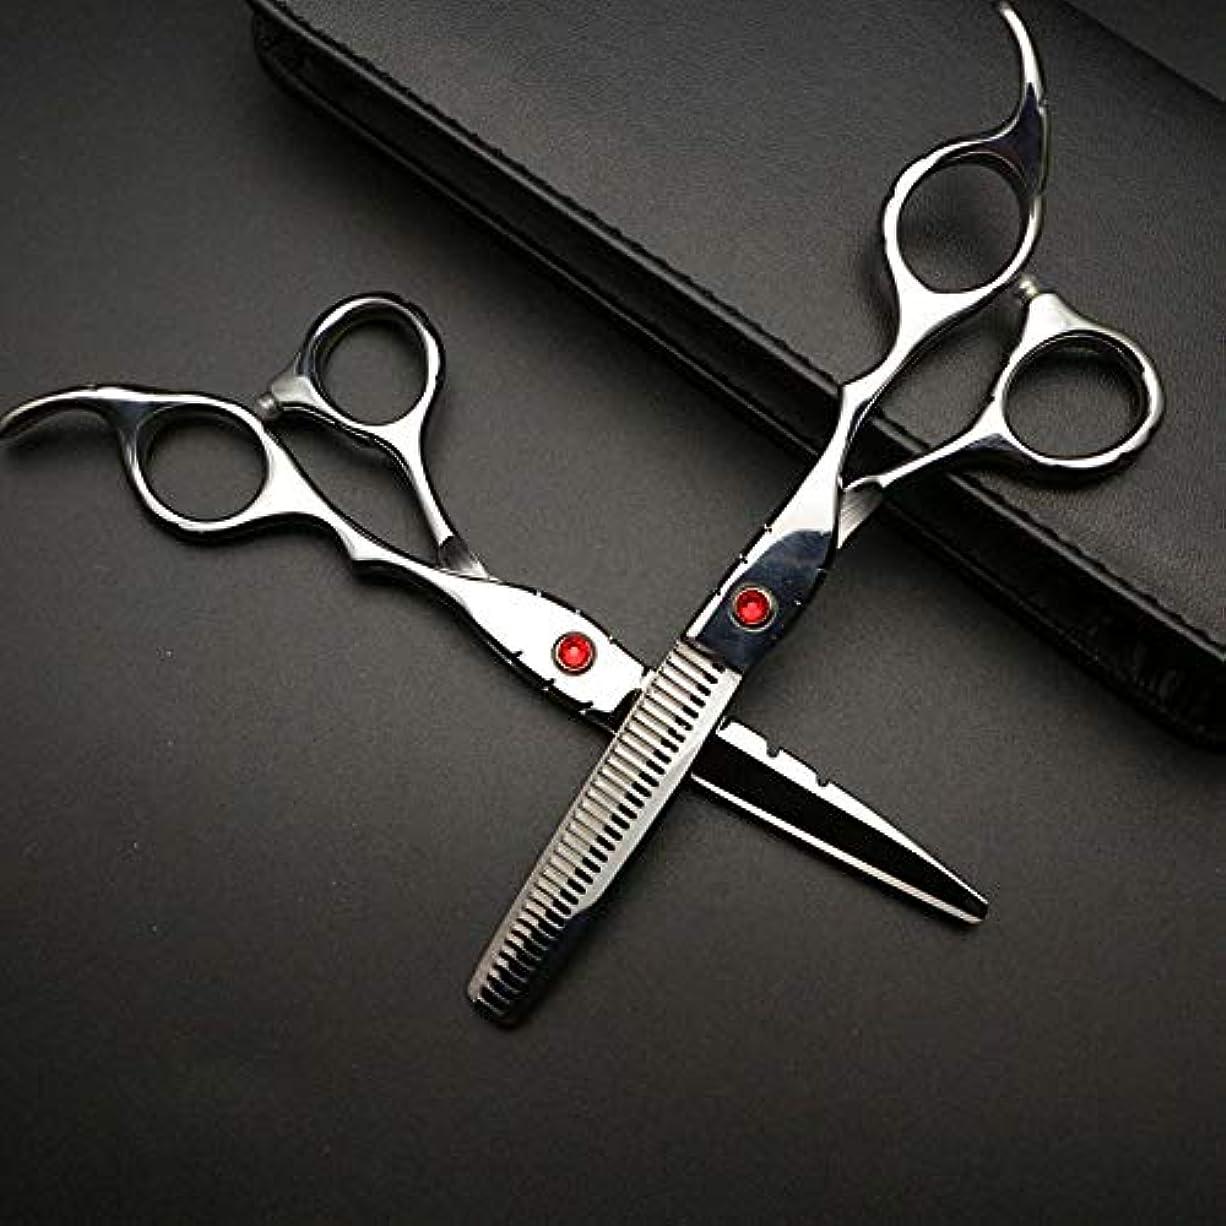 スペル句四面体理髪用はさみ 6インチ美容院プロの理髪セット、ハイエンドの理髪はさみヘアカットはさみステンレス理髪はさみ (色 : Silver)